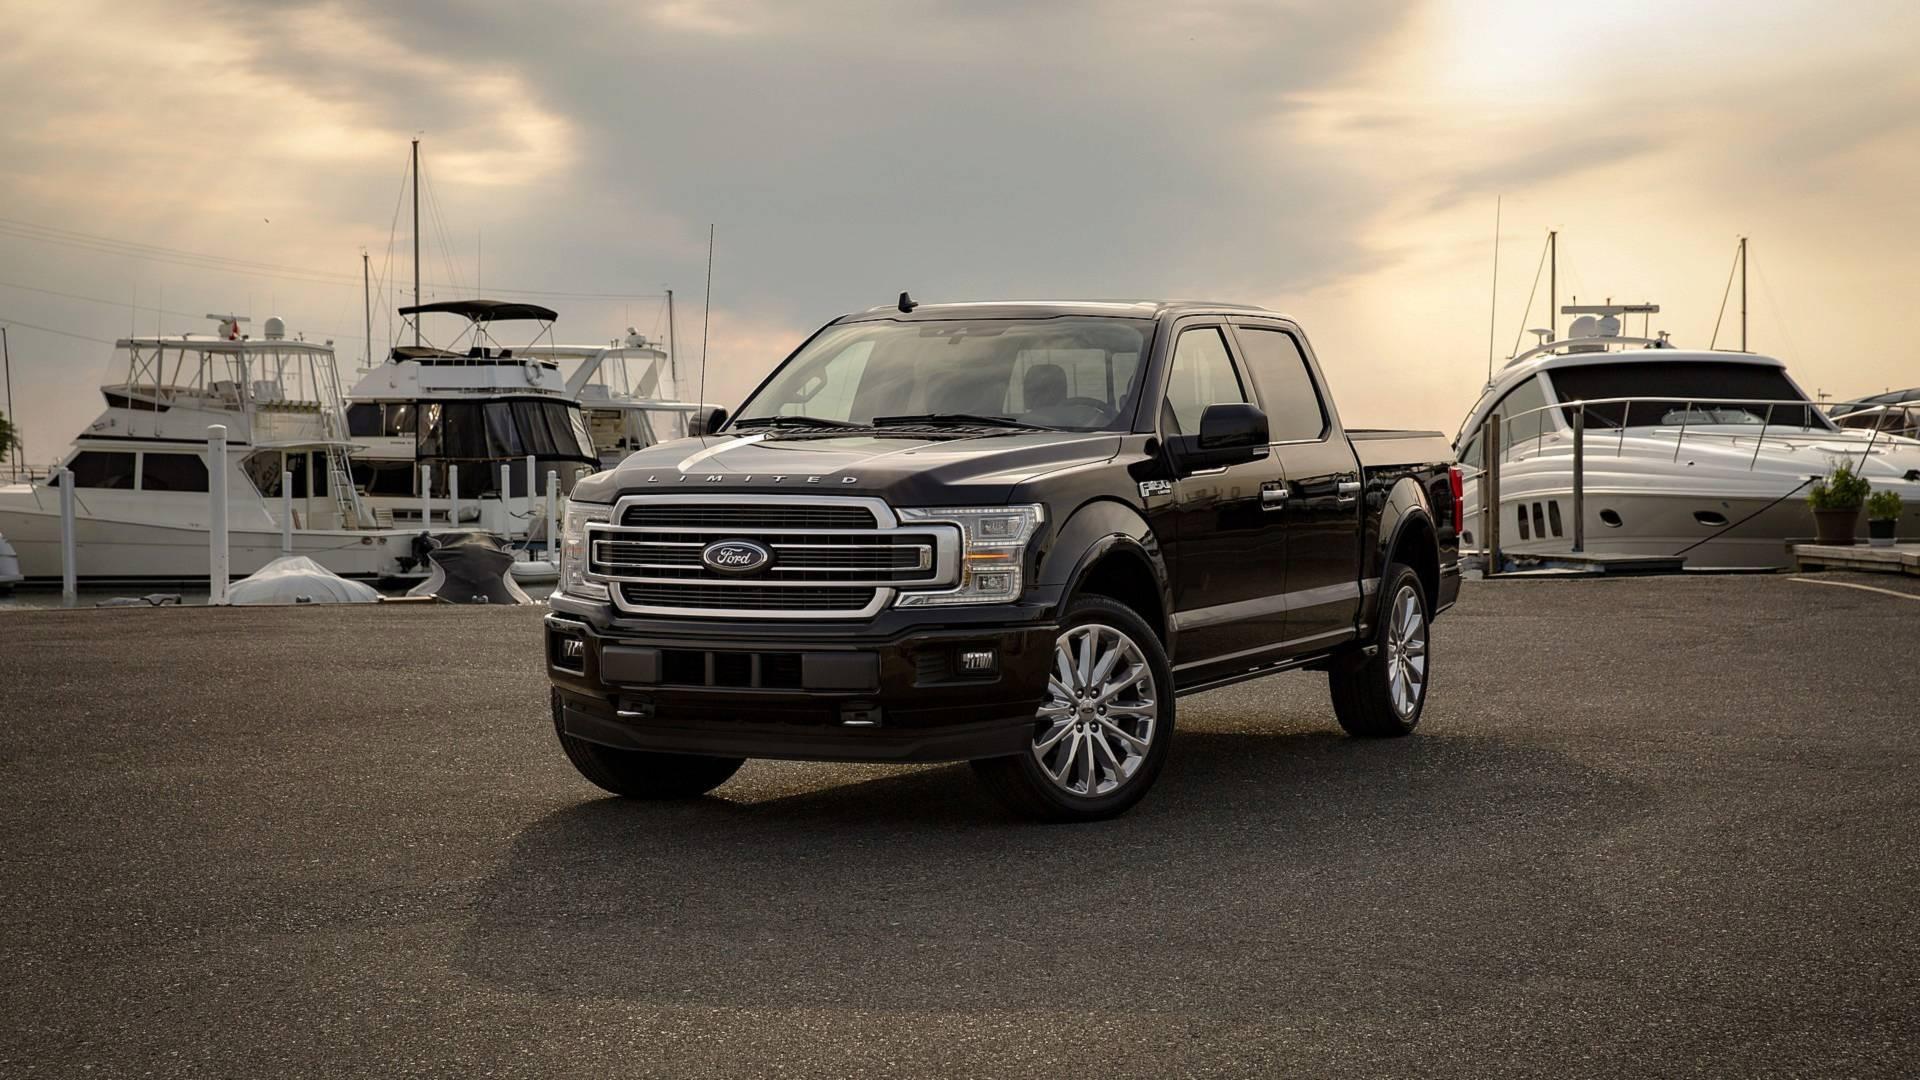 2019-ford-f-150-limited-1-1.jpg